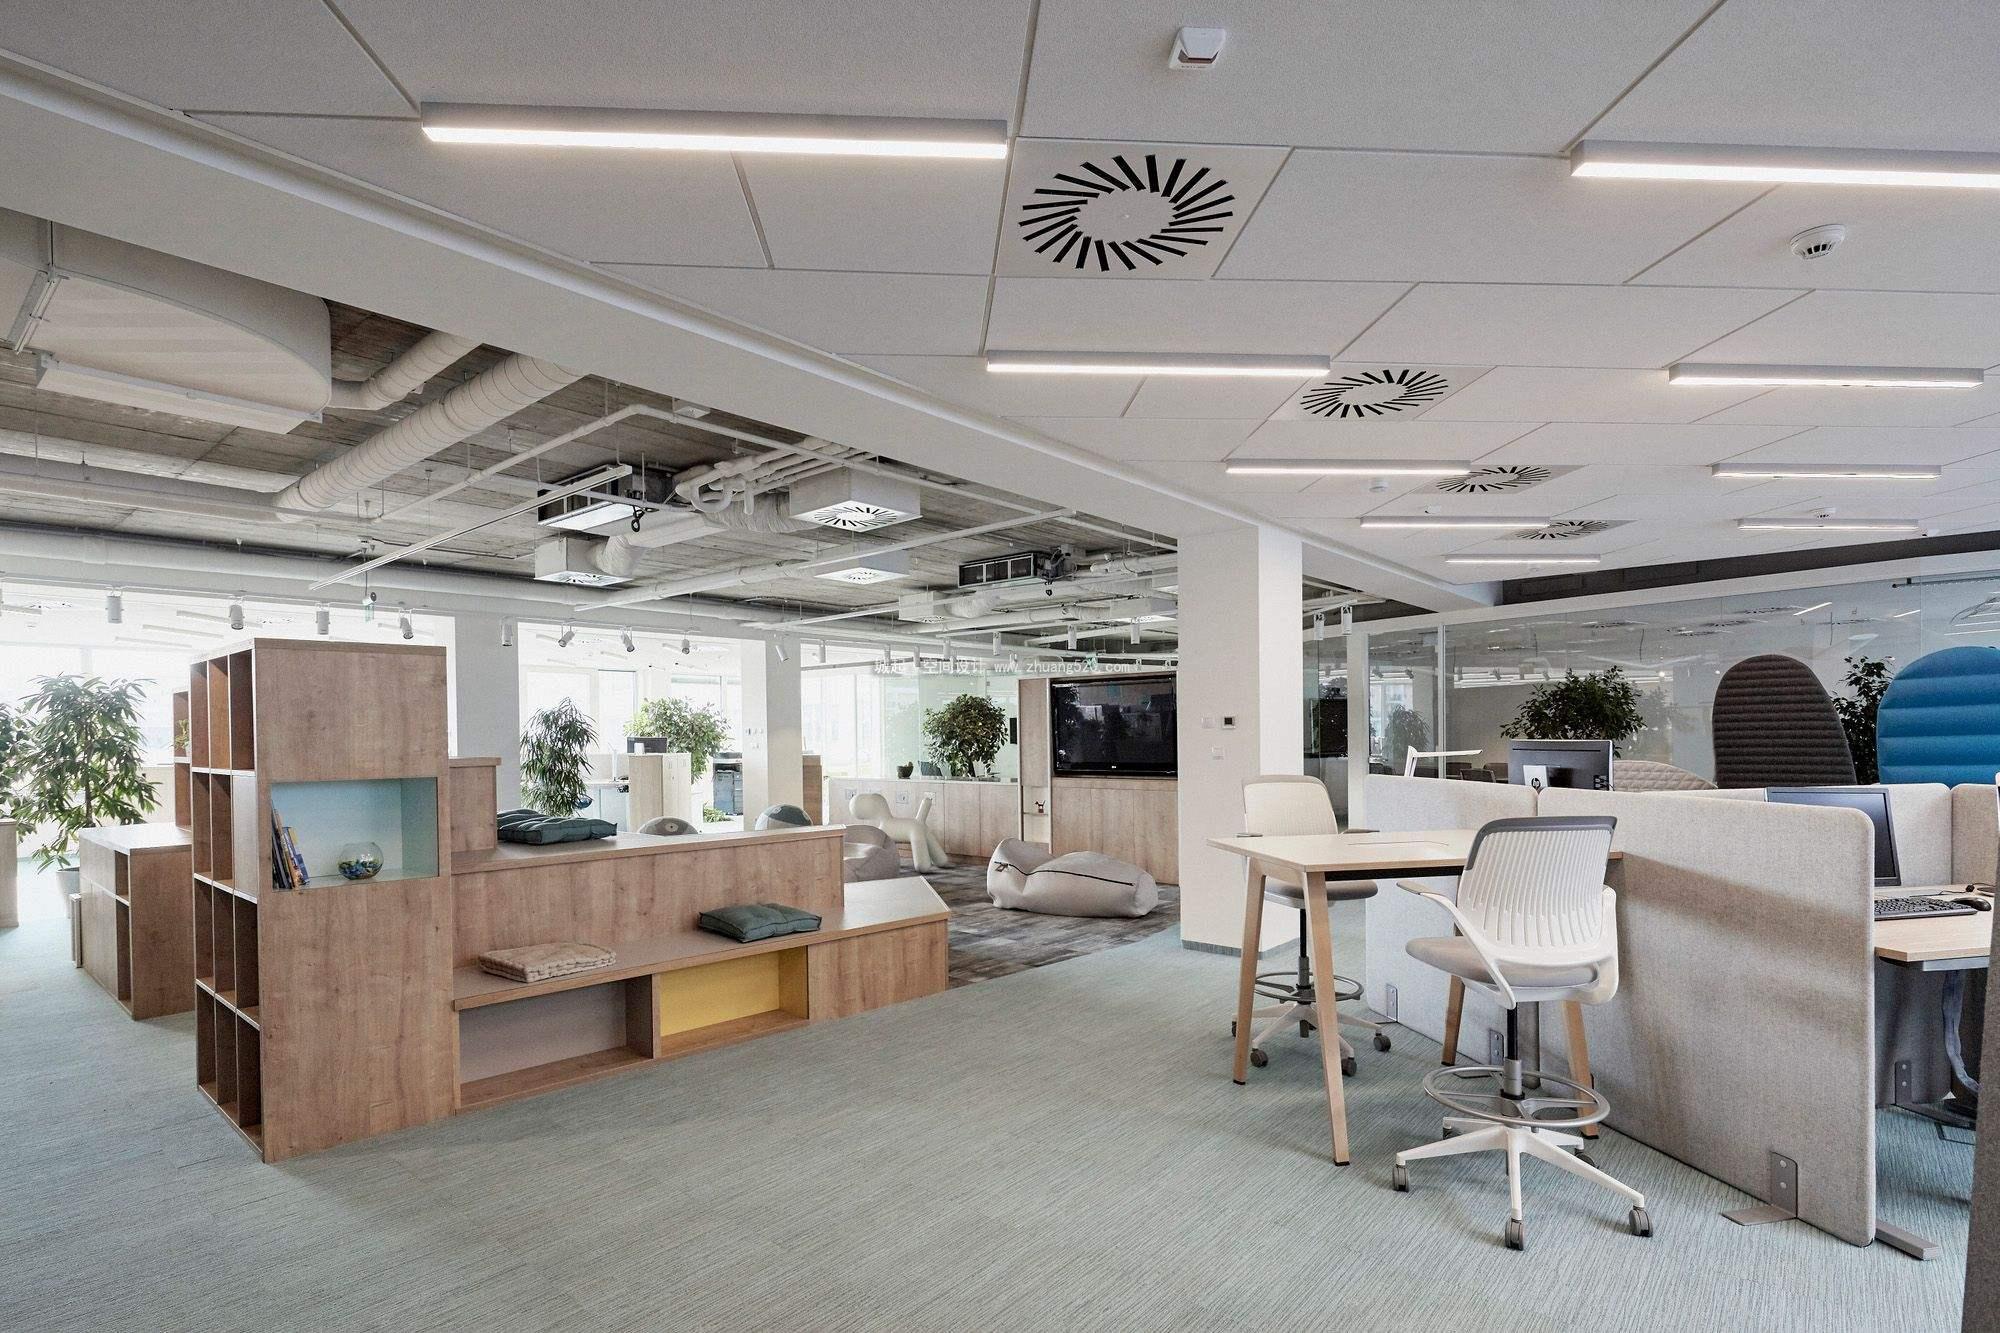 成都办公室装修.不同行业办公室如何装修设计?-工装设计-成都朗煜工